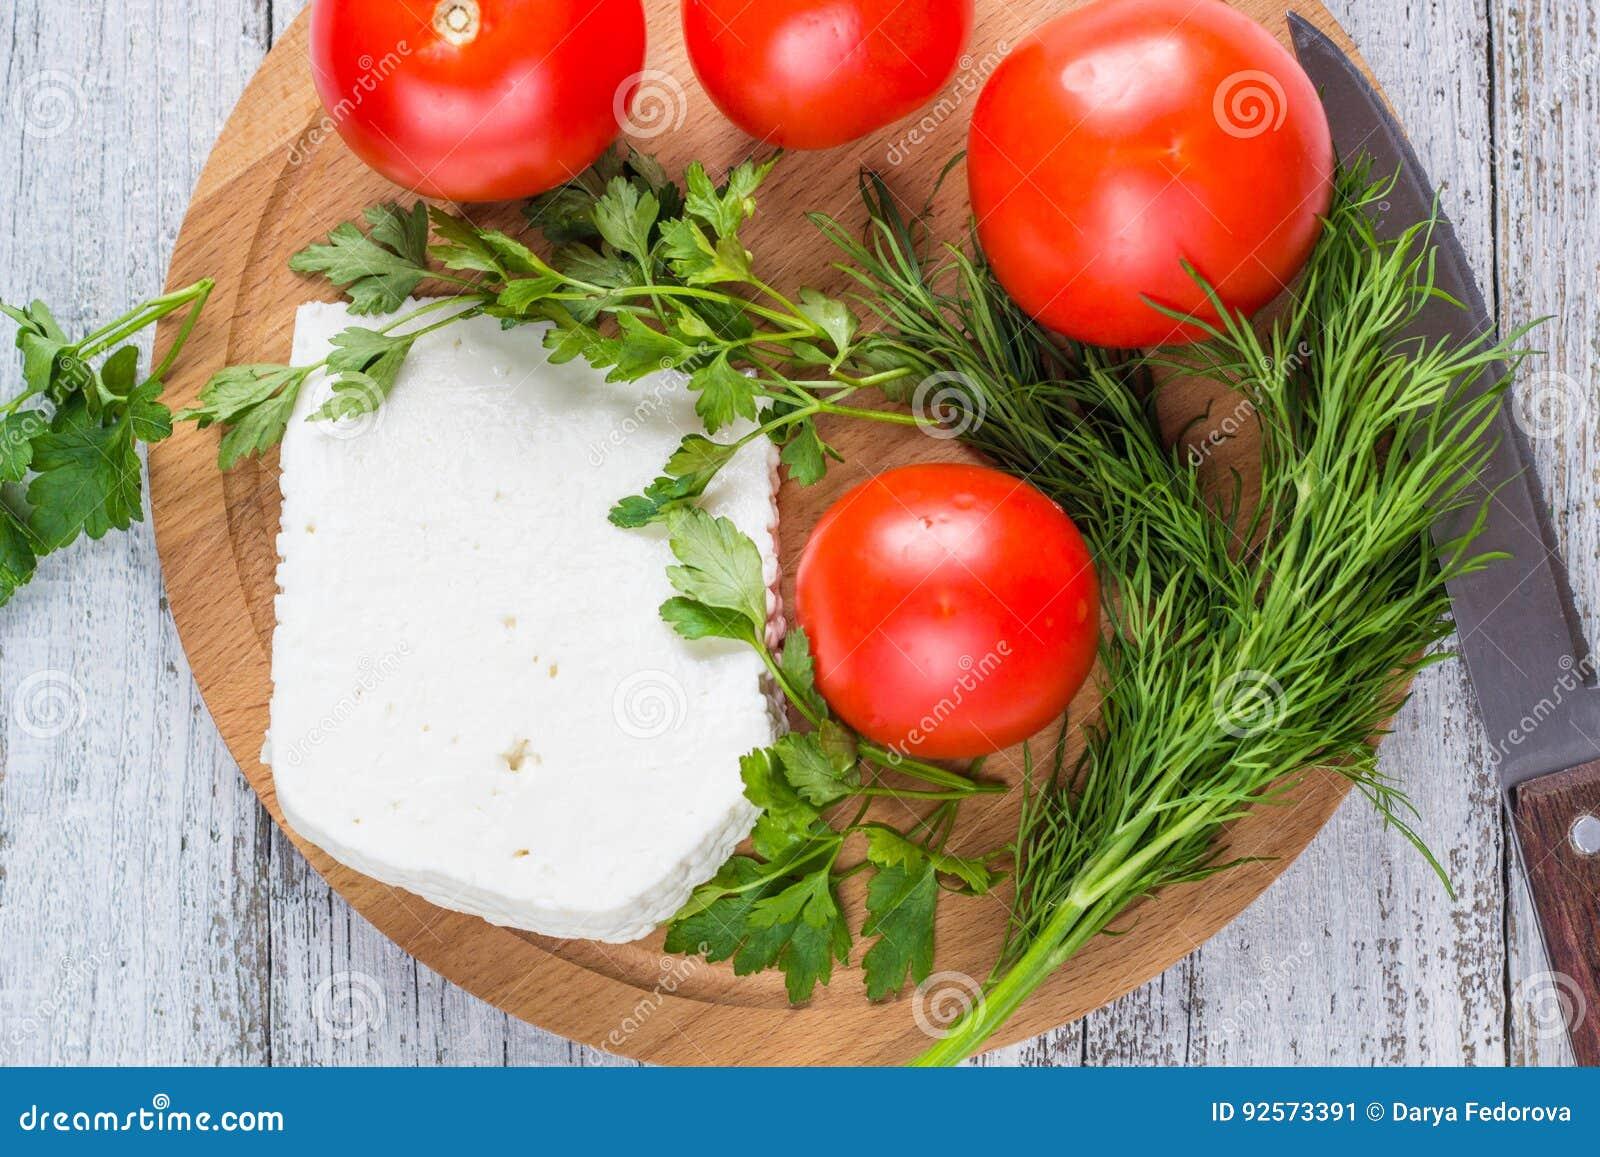 Formaggio bianco, coltello, prezzemolo, pomodori su un fondo dei bordi di legno